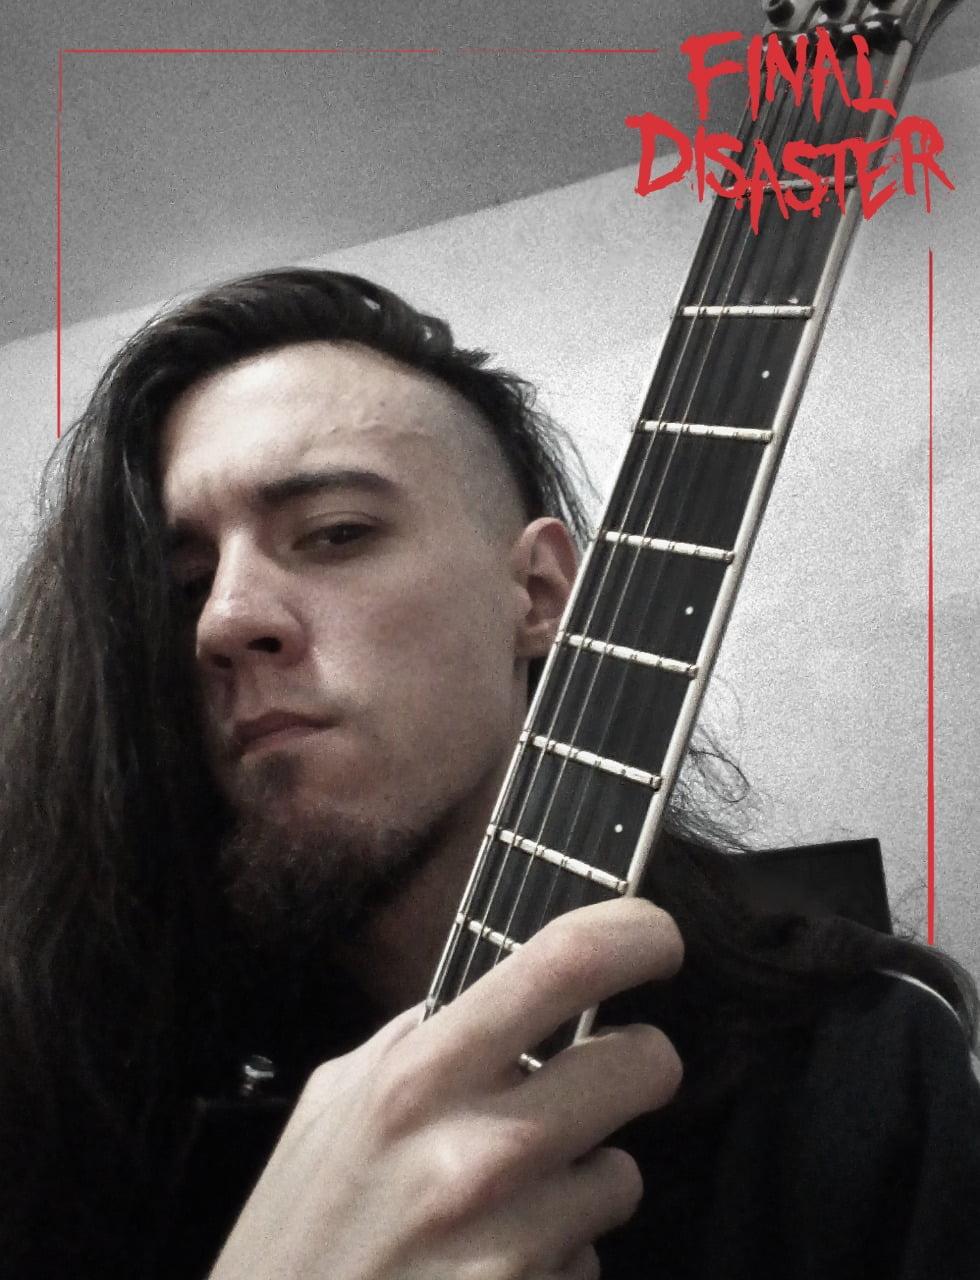 Final Disaster apresenta novo guitarrista em festival online neste final de semana